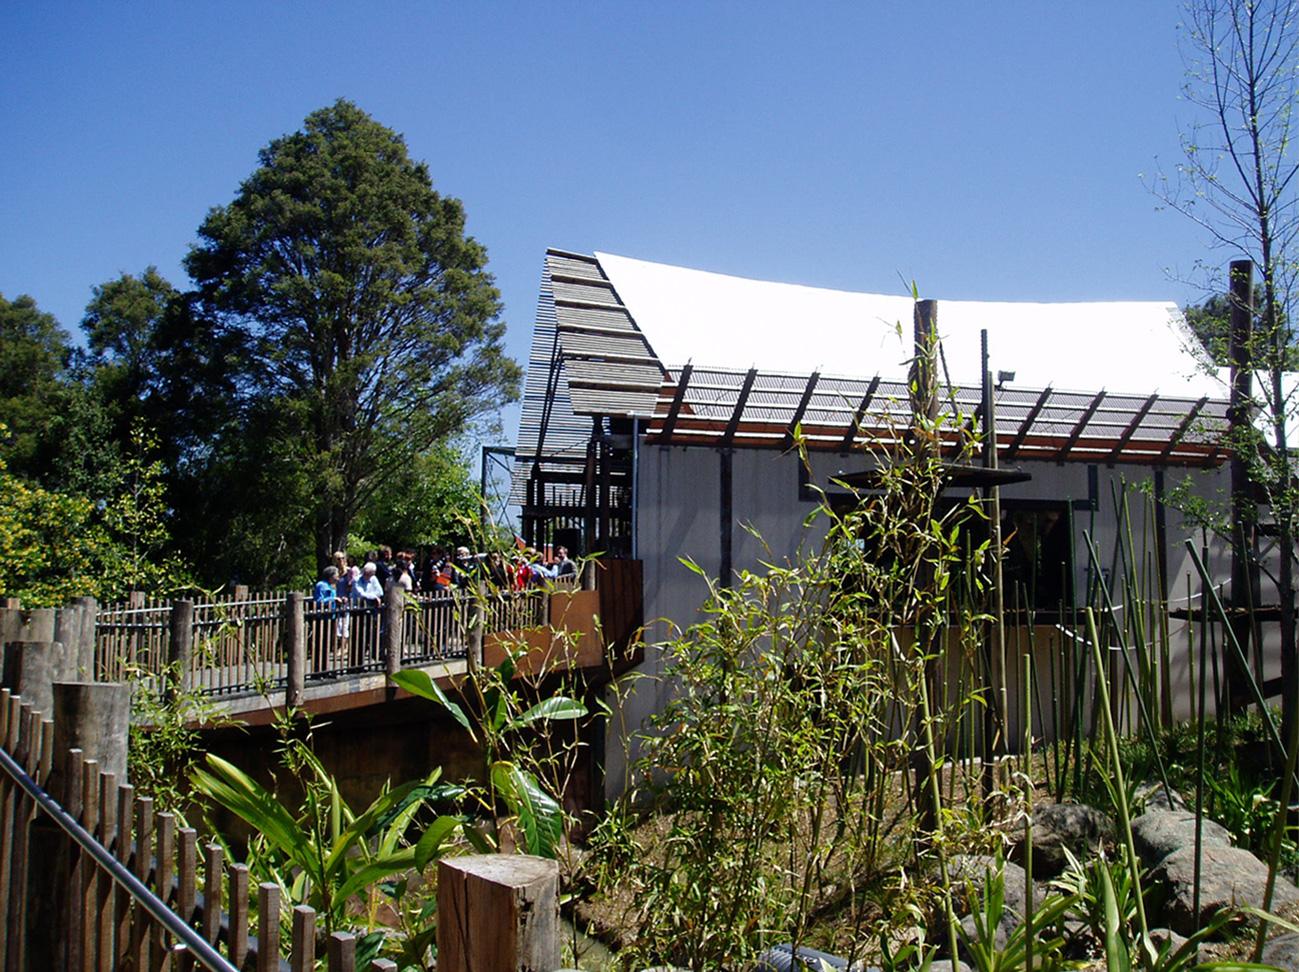 Orangutang Forest Sanctuary  - Melbourne Zoo, Vic, 2006